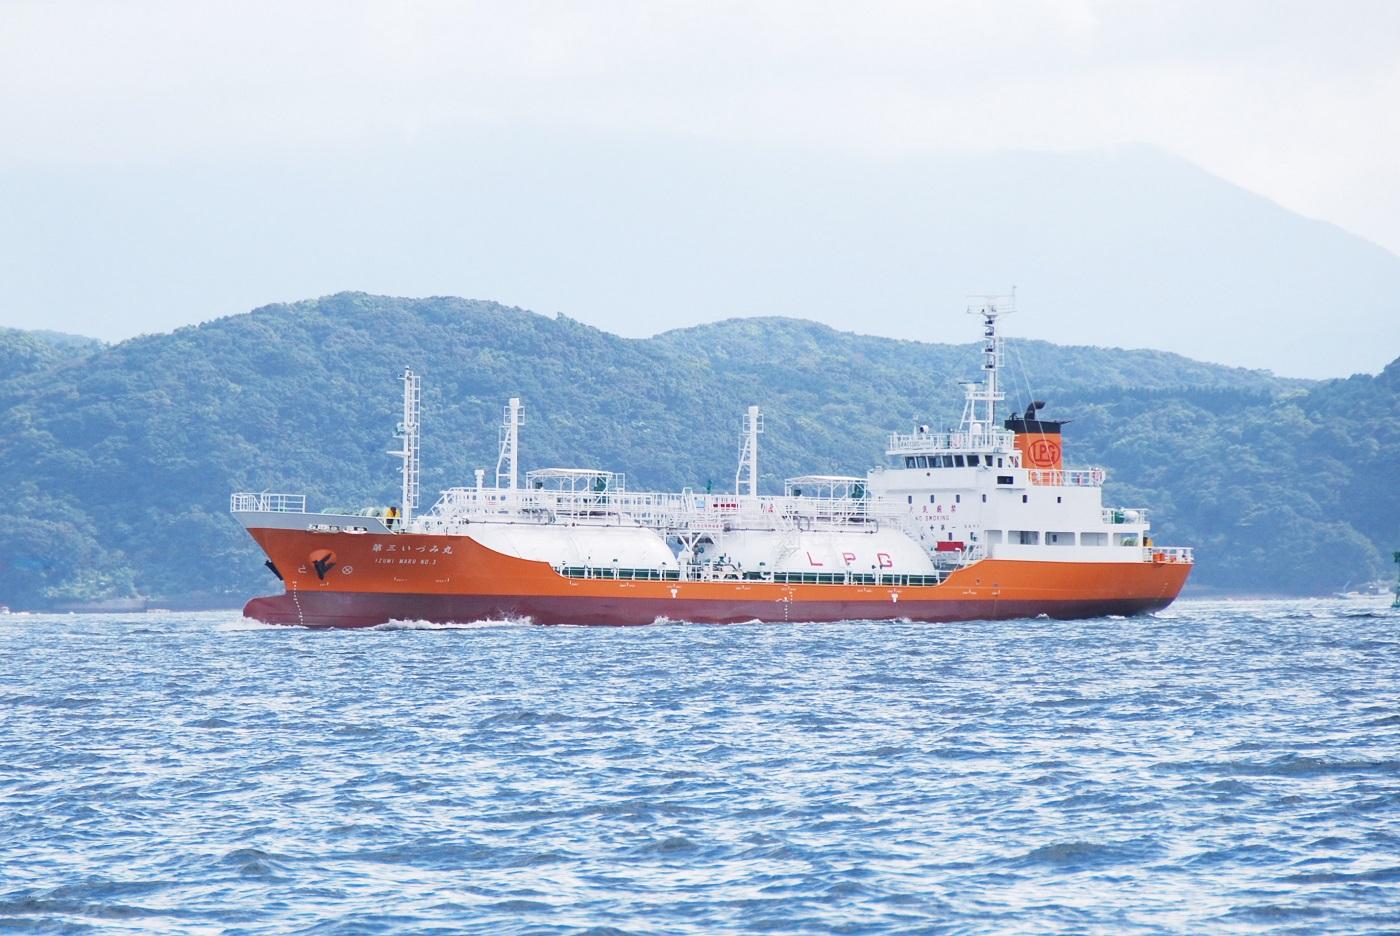 第三いづみ丸/Izumi Maru No.3